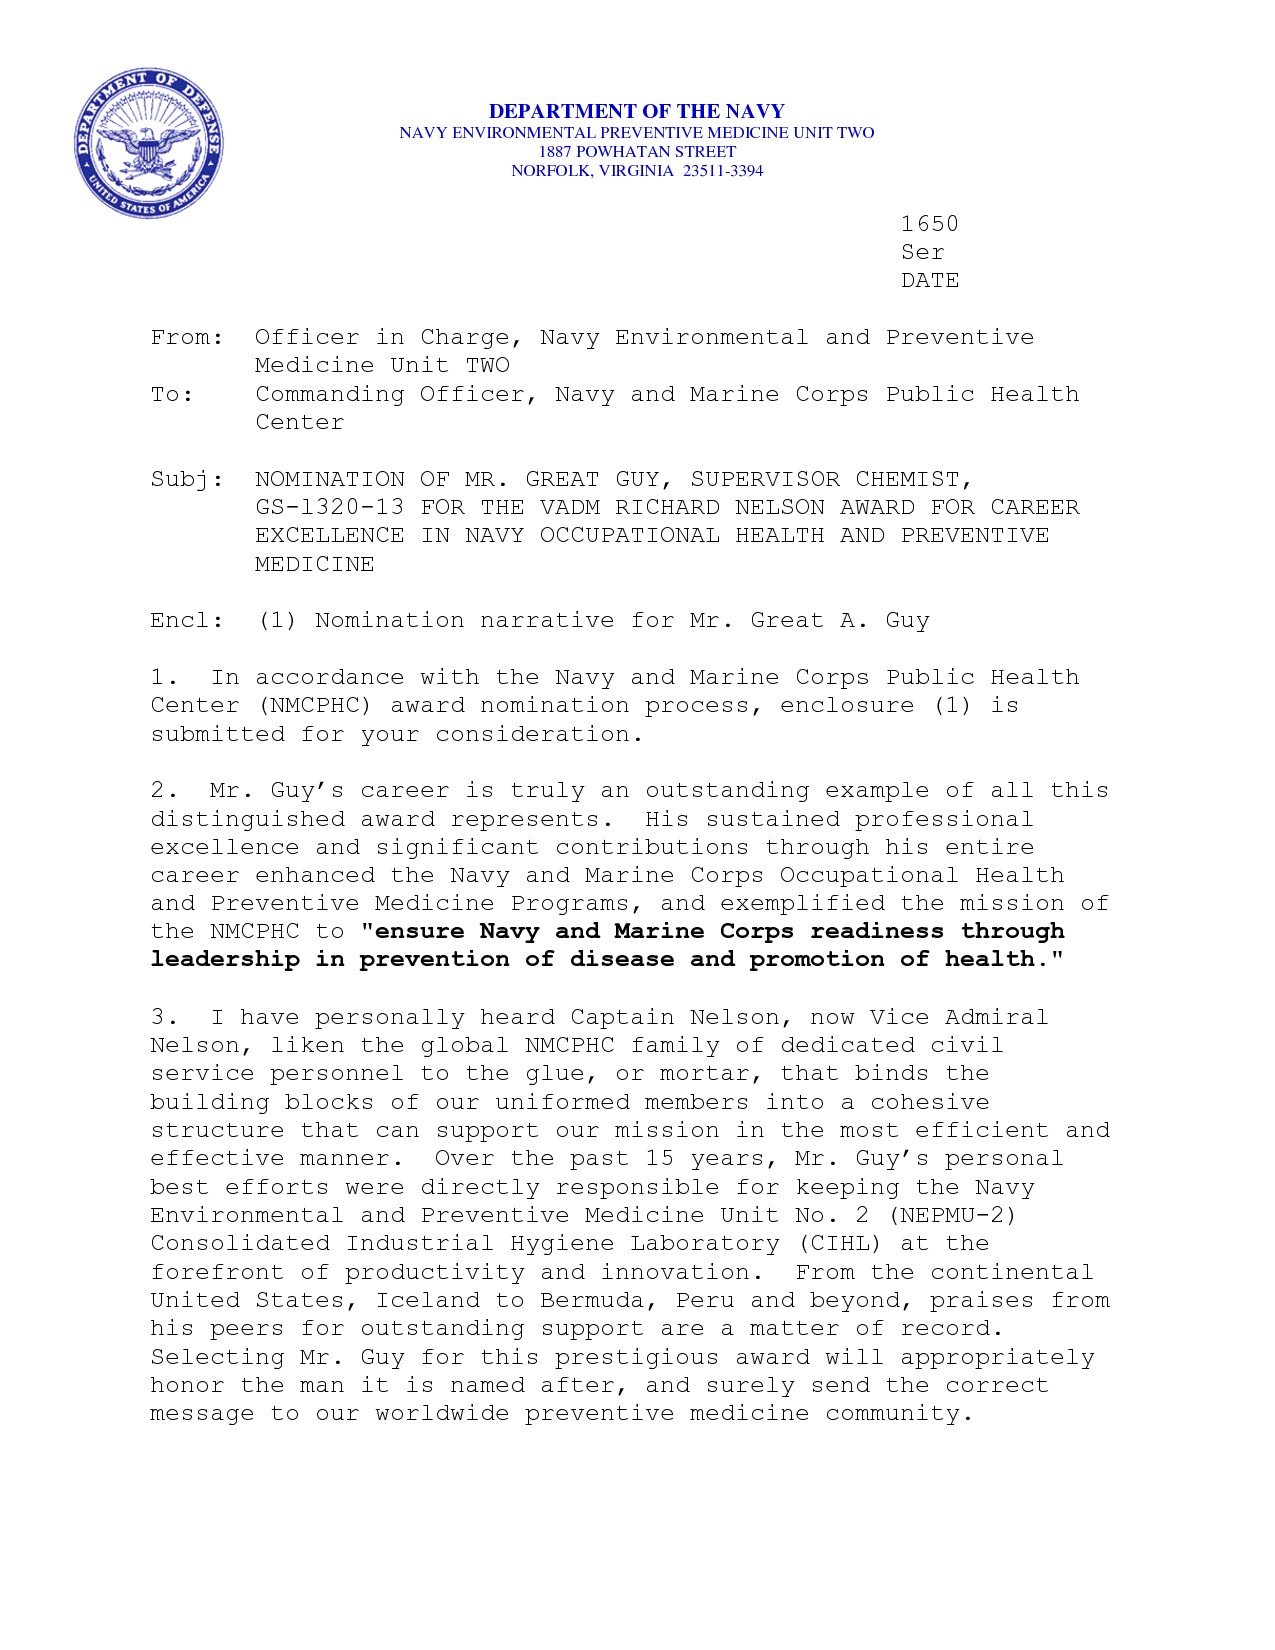 Naval Letter format Template - Naval Letter format Letter Appreciation Save Best solutions Best